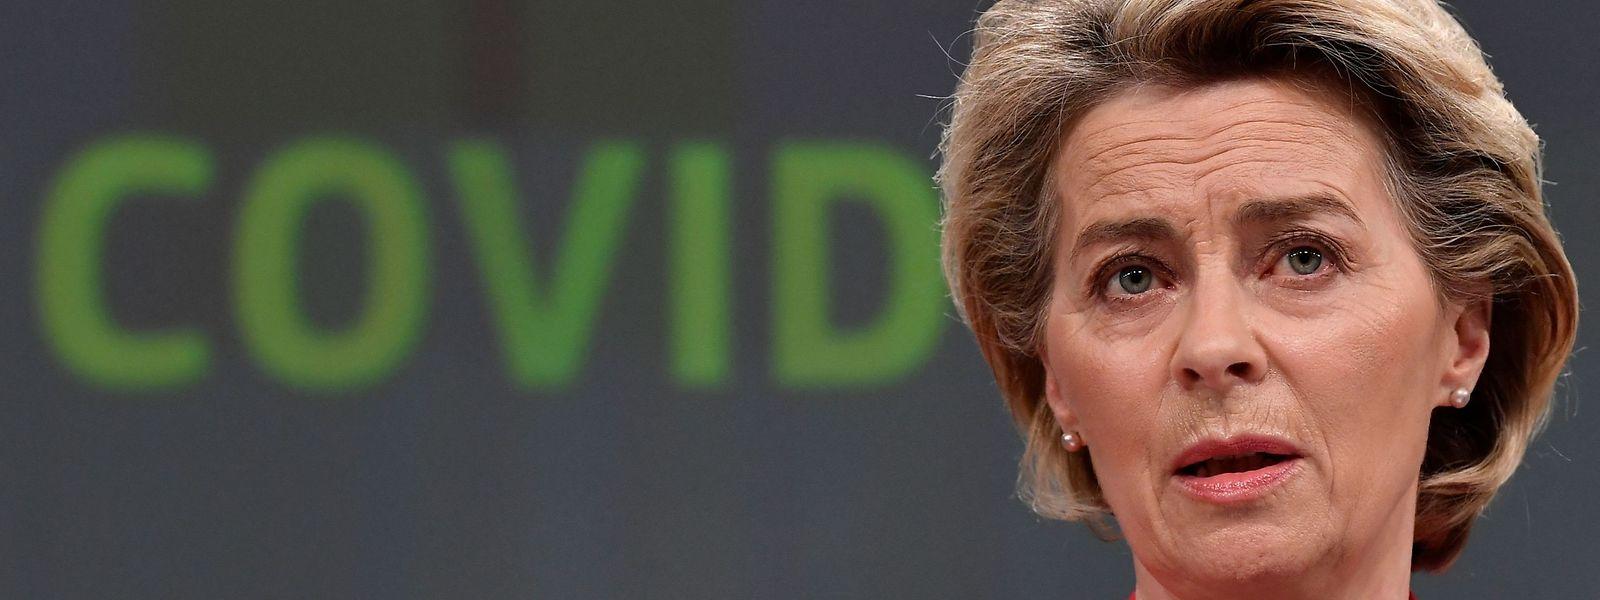 EU-Kommissionspräsidentin Ursula von der Leyen plant einen Impfnachweis, der Reisefreiheit ermöglichen soll.